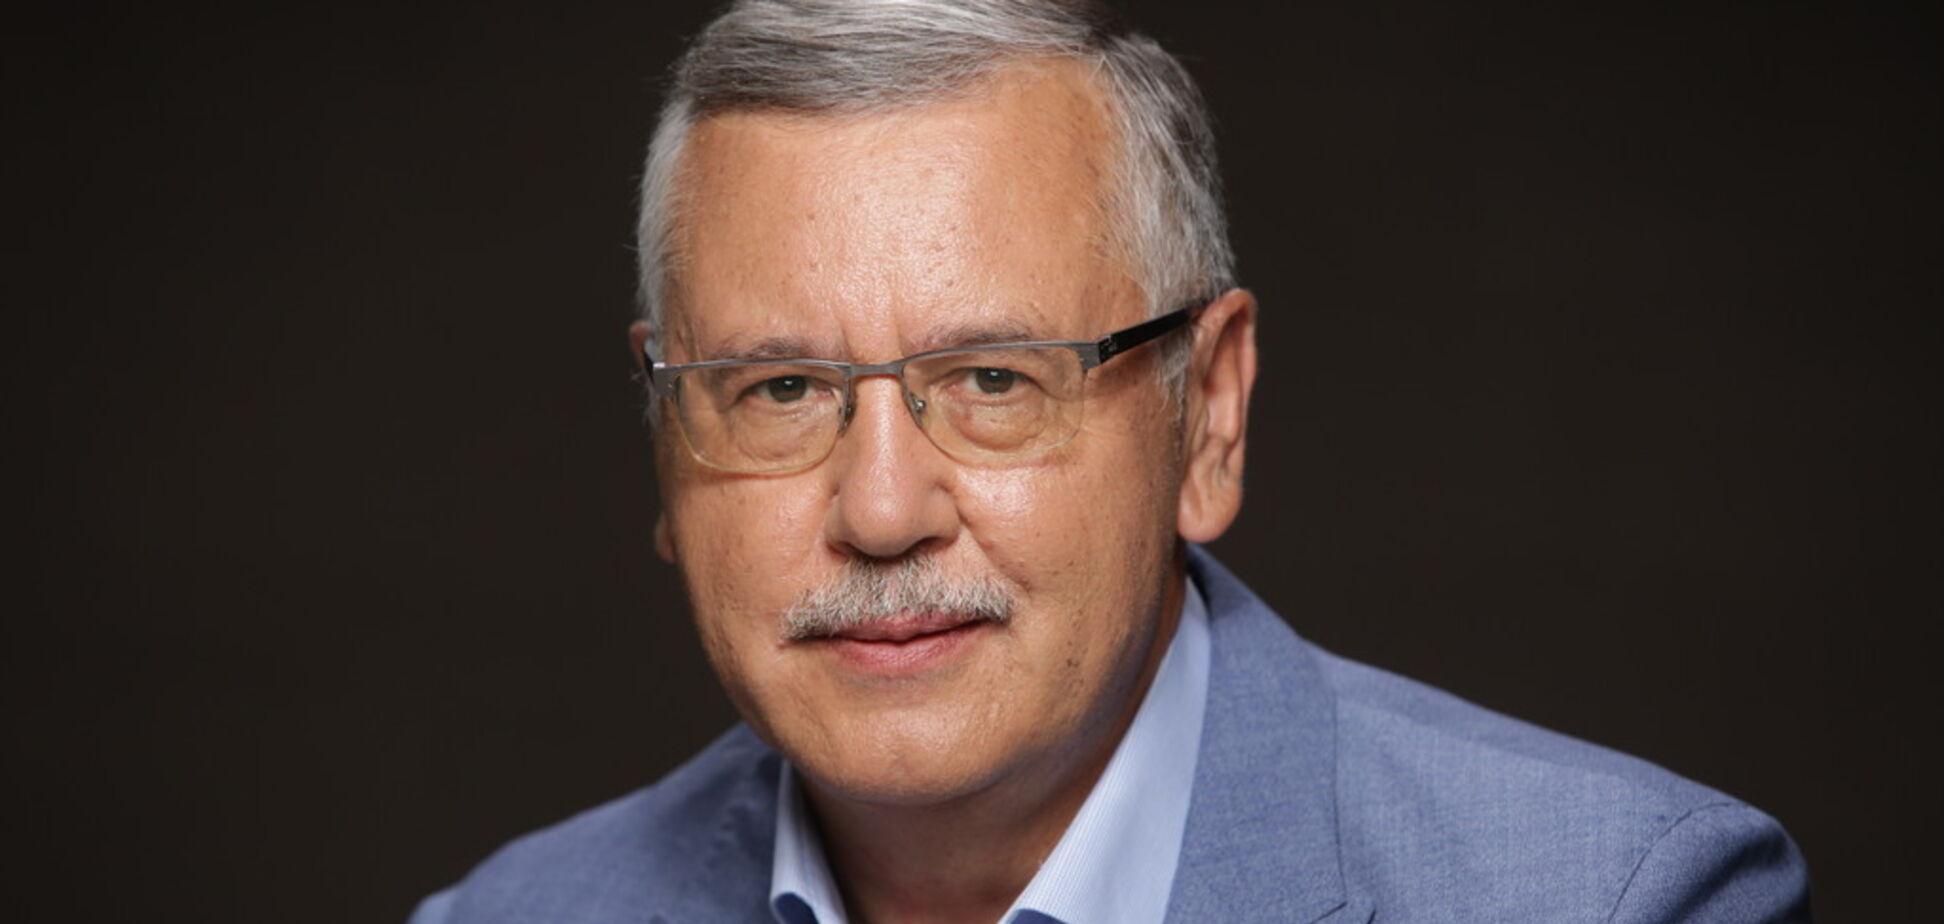 Гриценко повідомив, кого призначить главою СБУ в разі перемоги на виборах